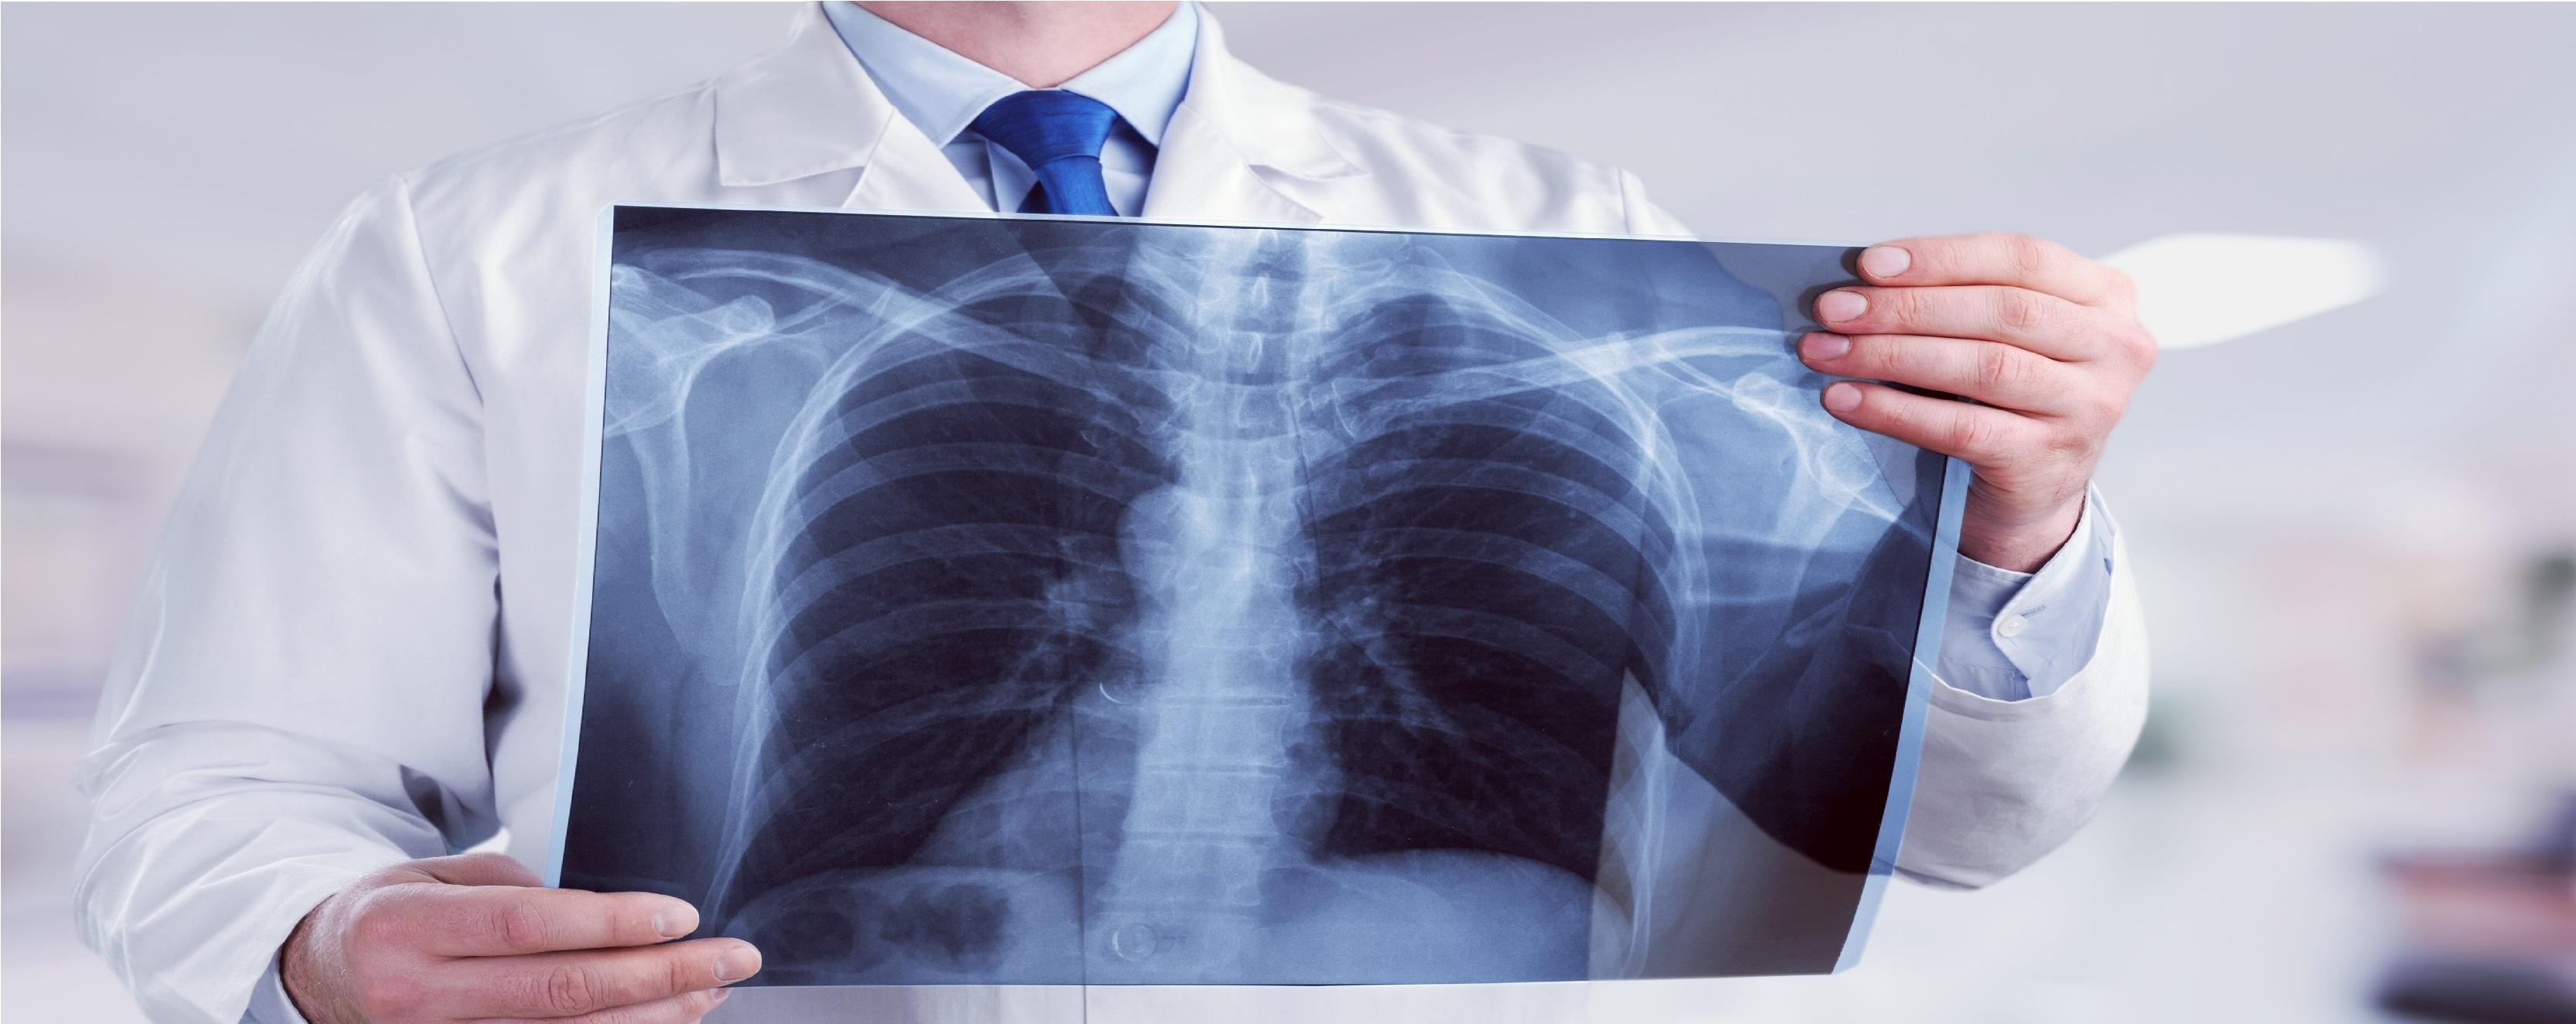 tüdőgyulladás ellen házilag